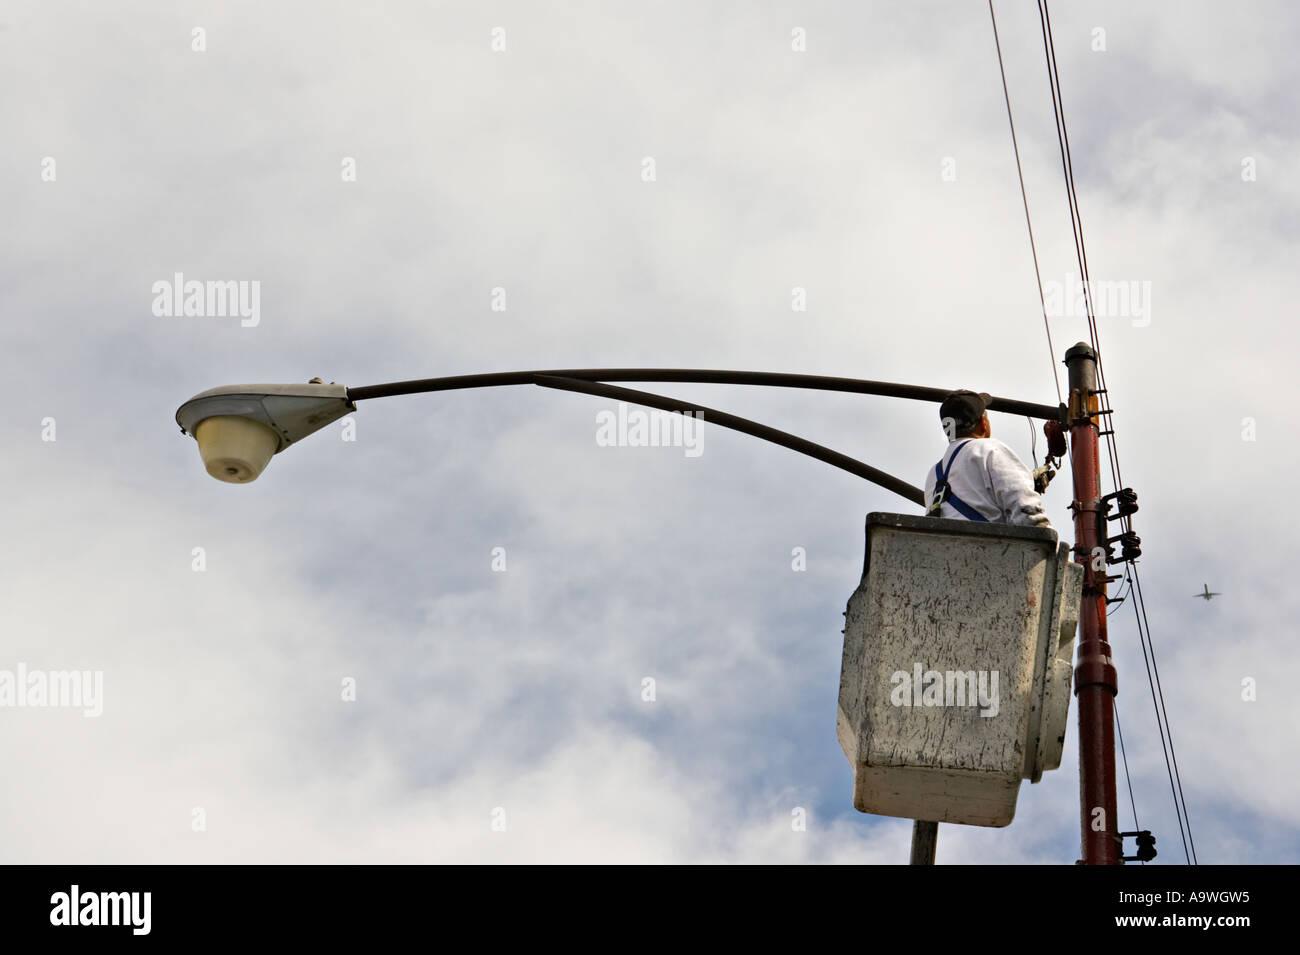 Street light wiring wire center street scene chicago illinois man in cherry picker bucket fix wiring rh alamy com street light wiring diagram street light wiring 480 volt asfbconference2016 Image collections